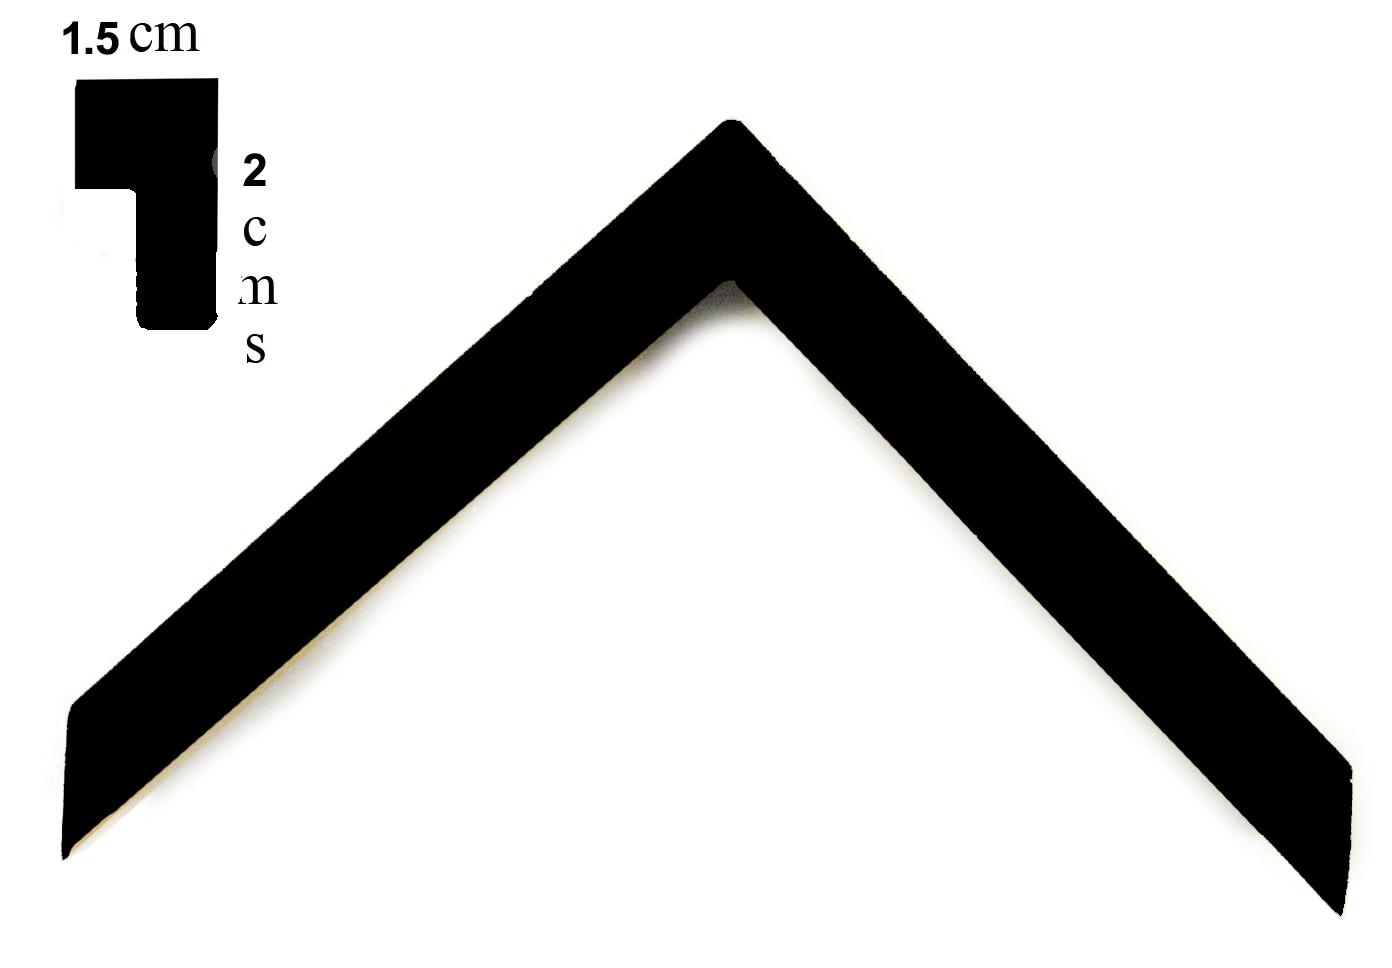 Mold L17 negro